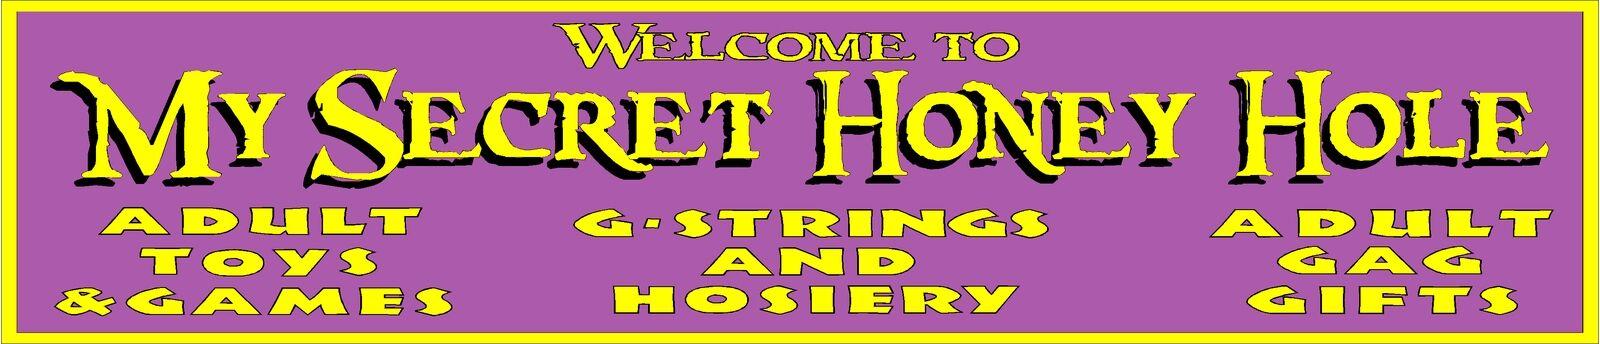 My Secret Honey Hole